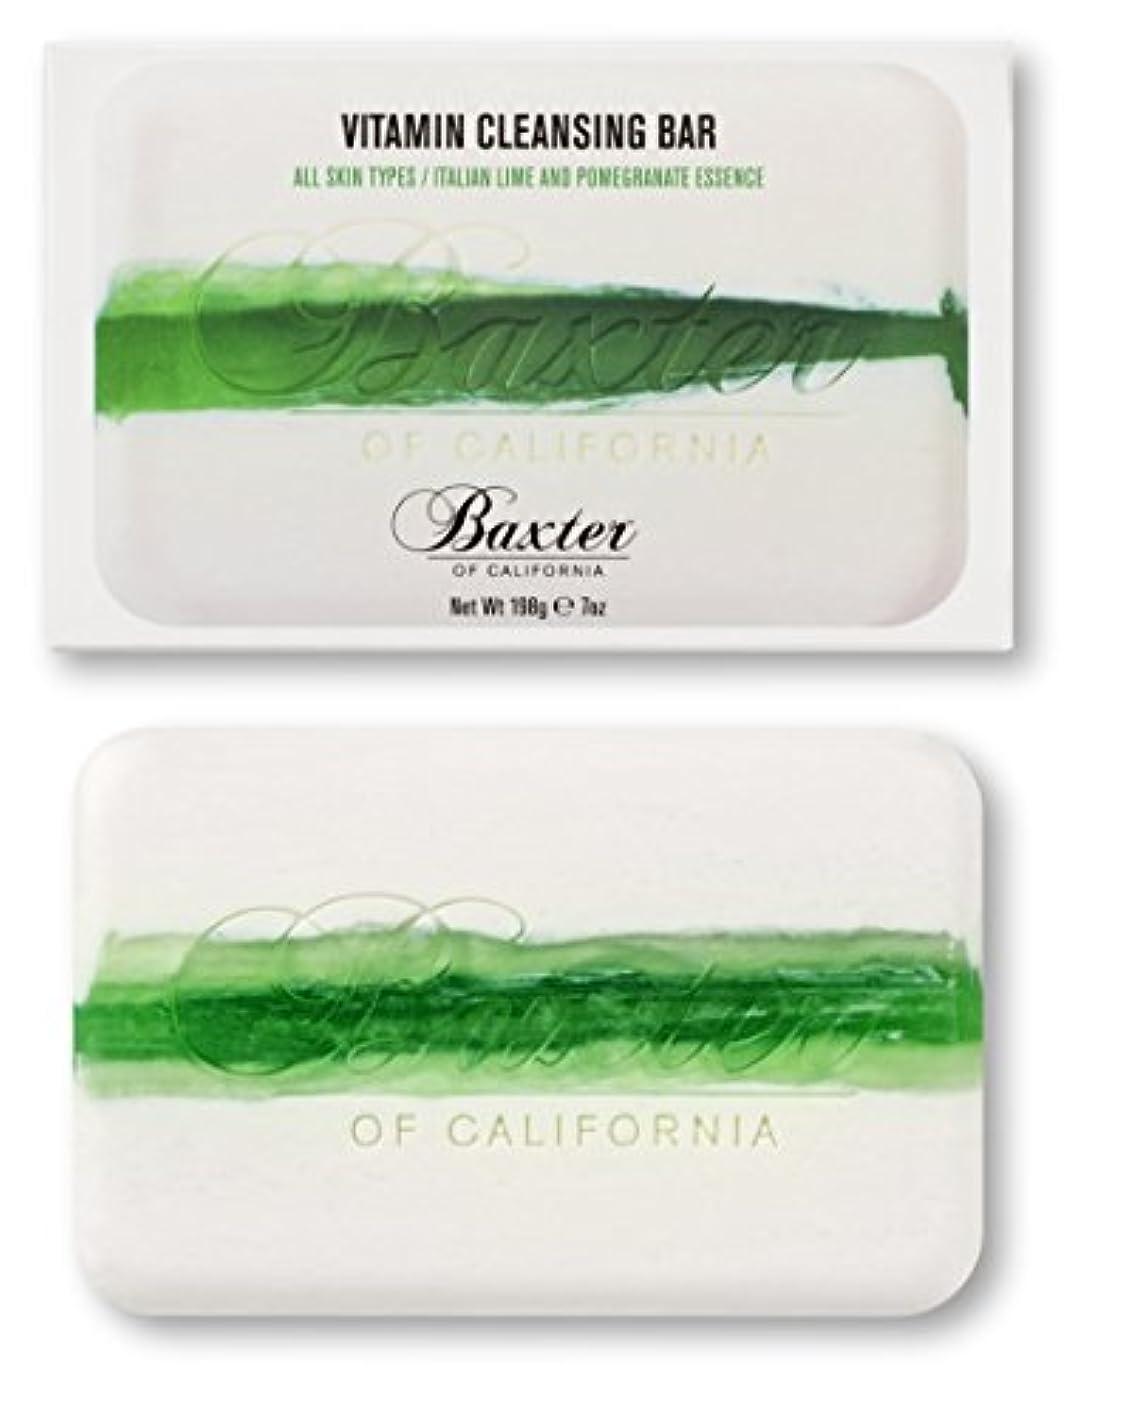 く放射する南方のBaxter OF CALIFORNIA(バクスター オブ カリフォルニア) ビタミンクレンジングバー イタリアンライム&ポメグラネート 198g